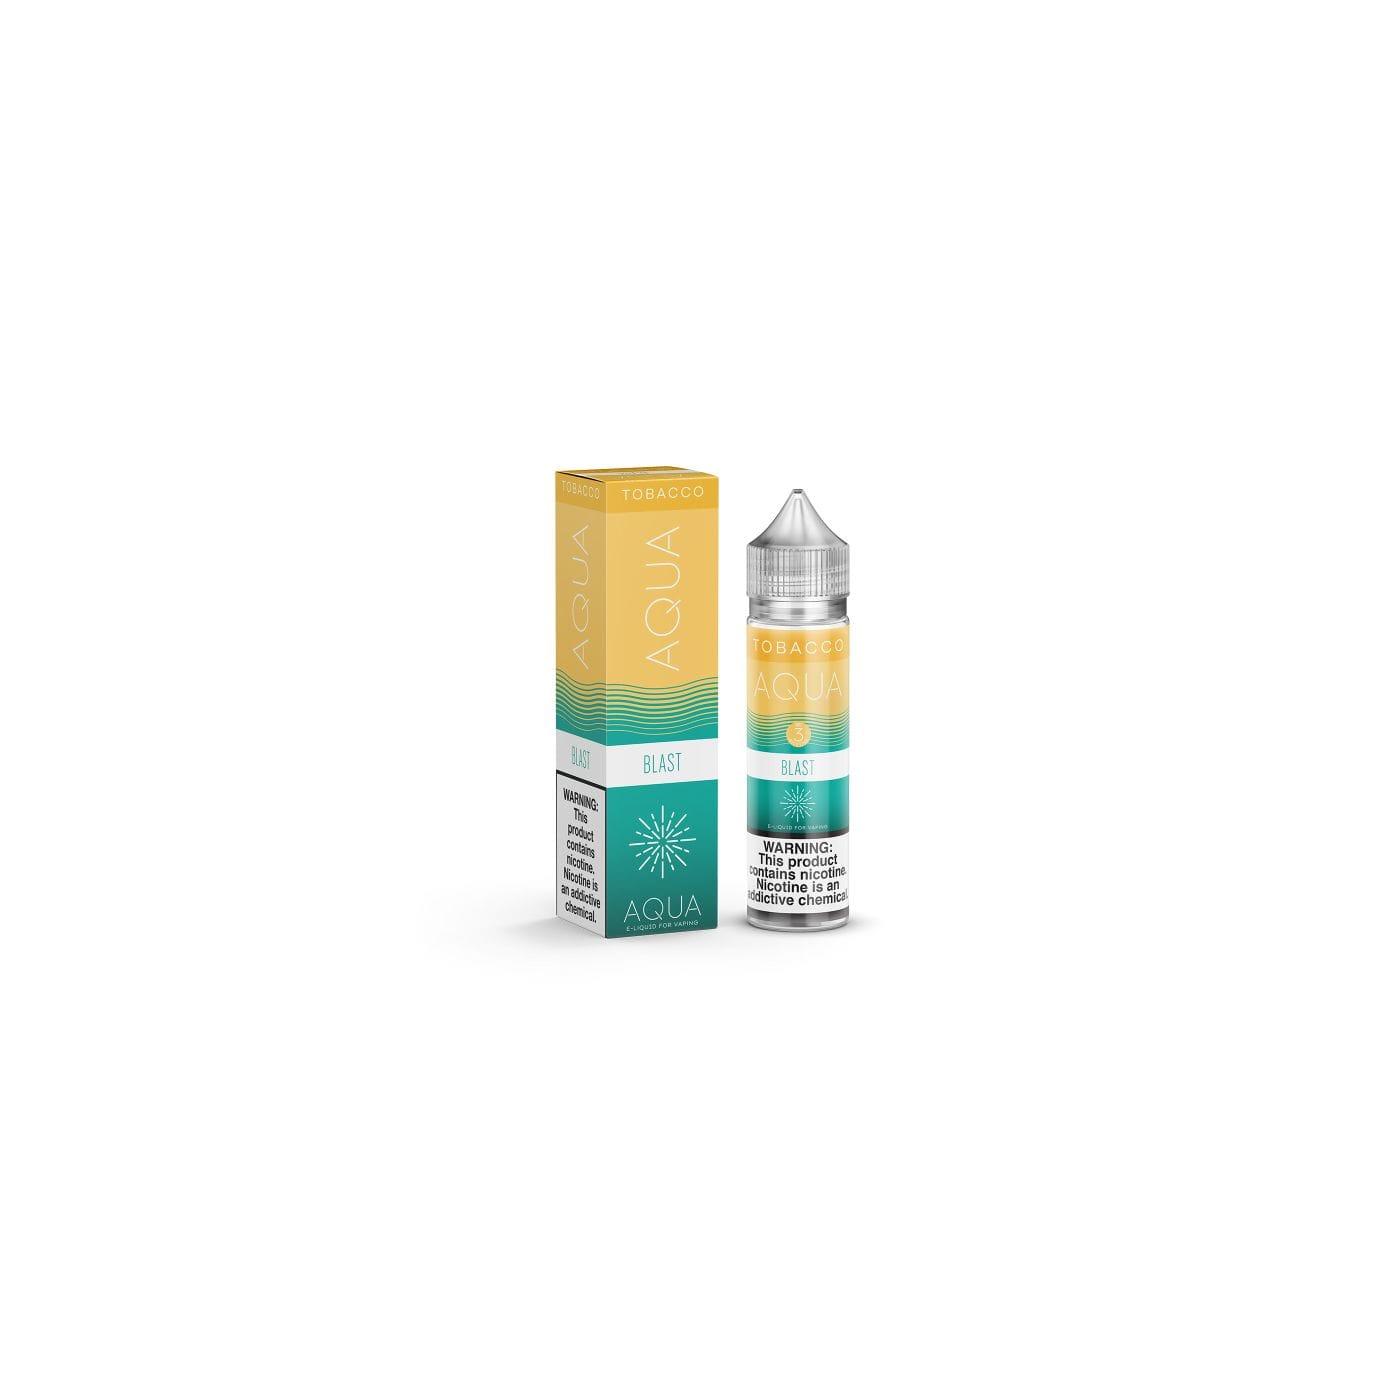 Aqua Tobacco Blast